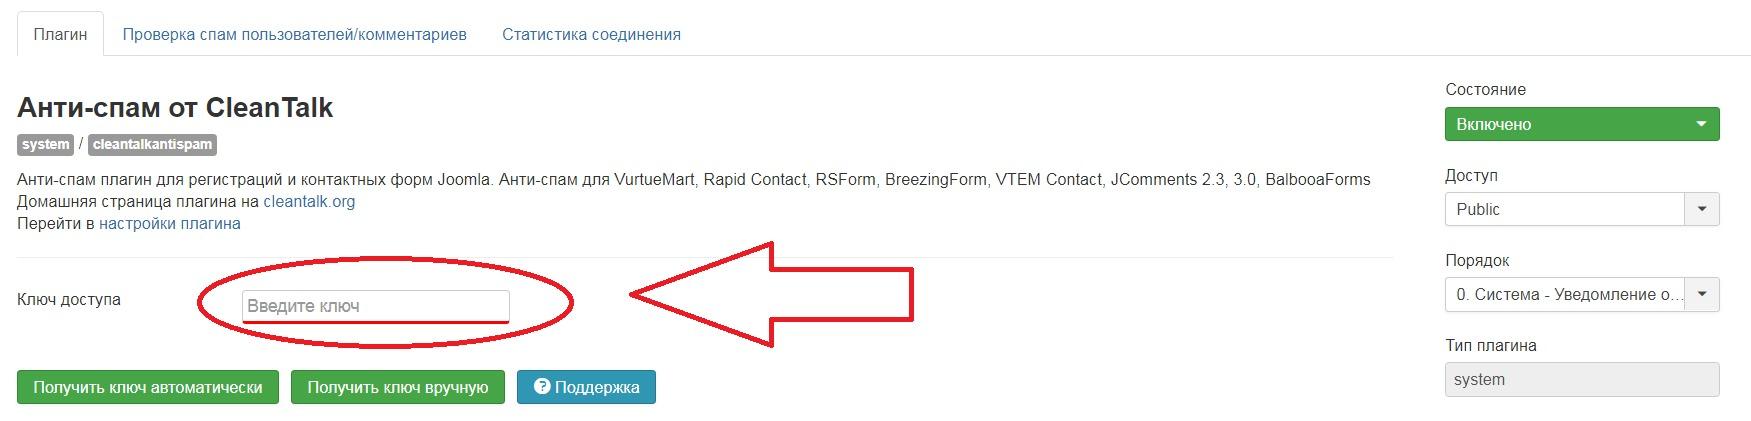 Joomla 3 anti-spam plugin options